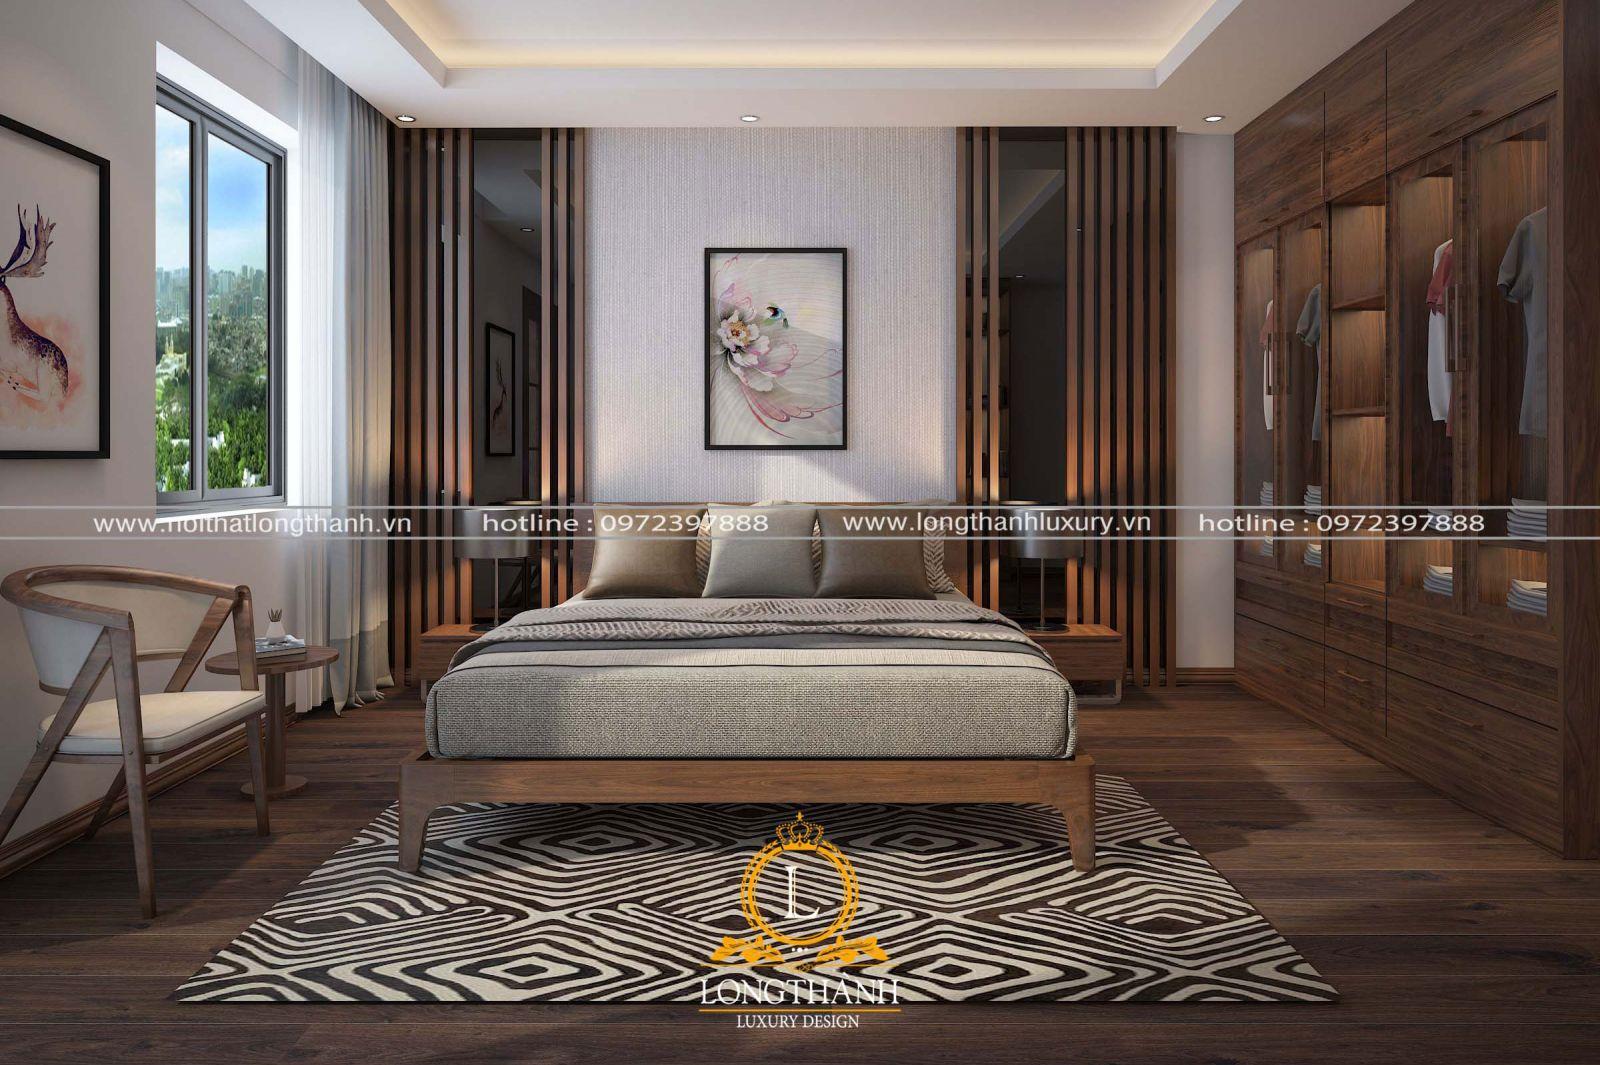 Thiết kế phòng ngủ tân cổ điển đơn giản từ gỗ tự nhiên